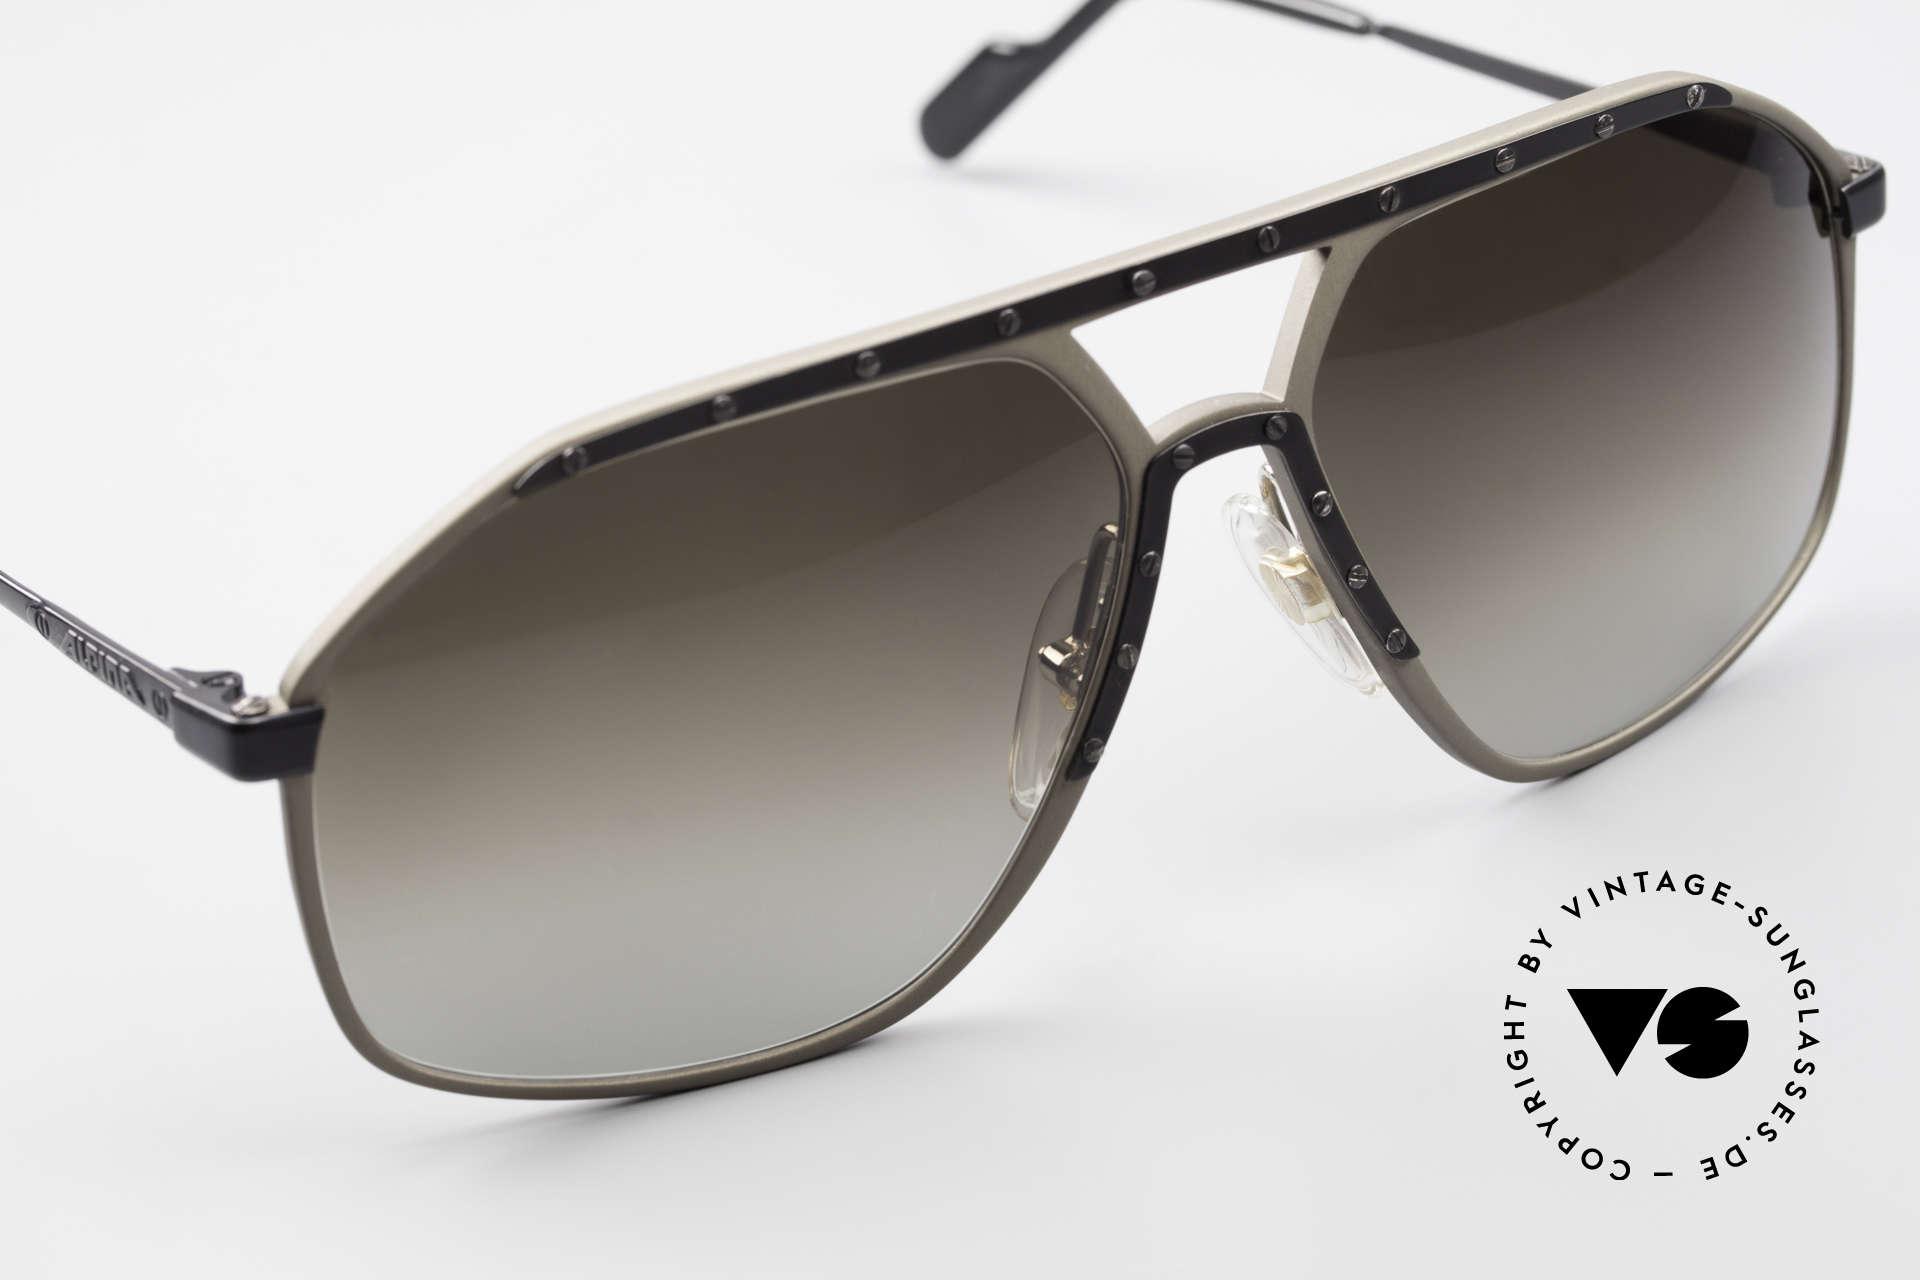 Alpina M1/7 Rare Vintage Sonnenbrille 90er, ungetragenes Modell kommt mit einem BVLGARI Etui, Passend für Herren